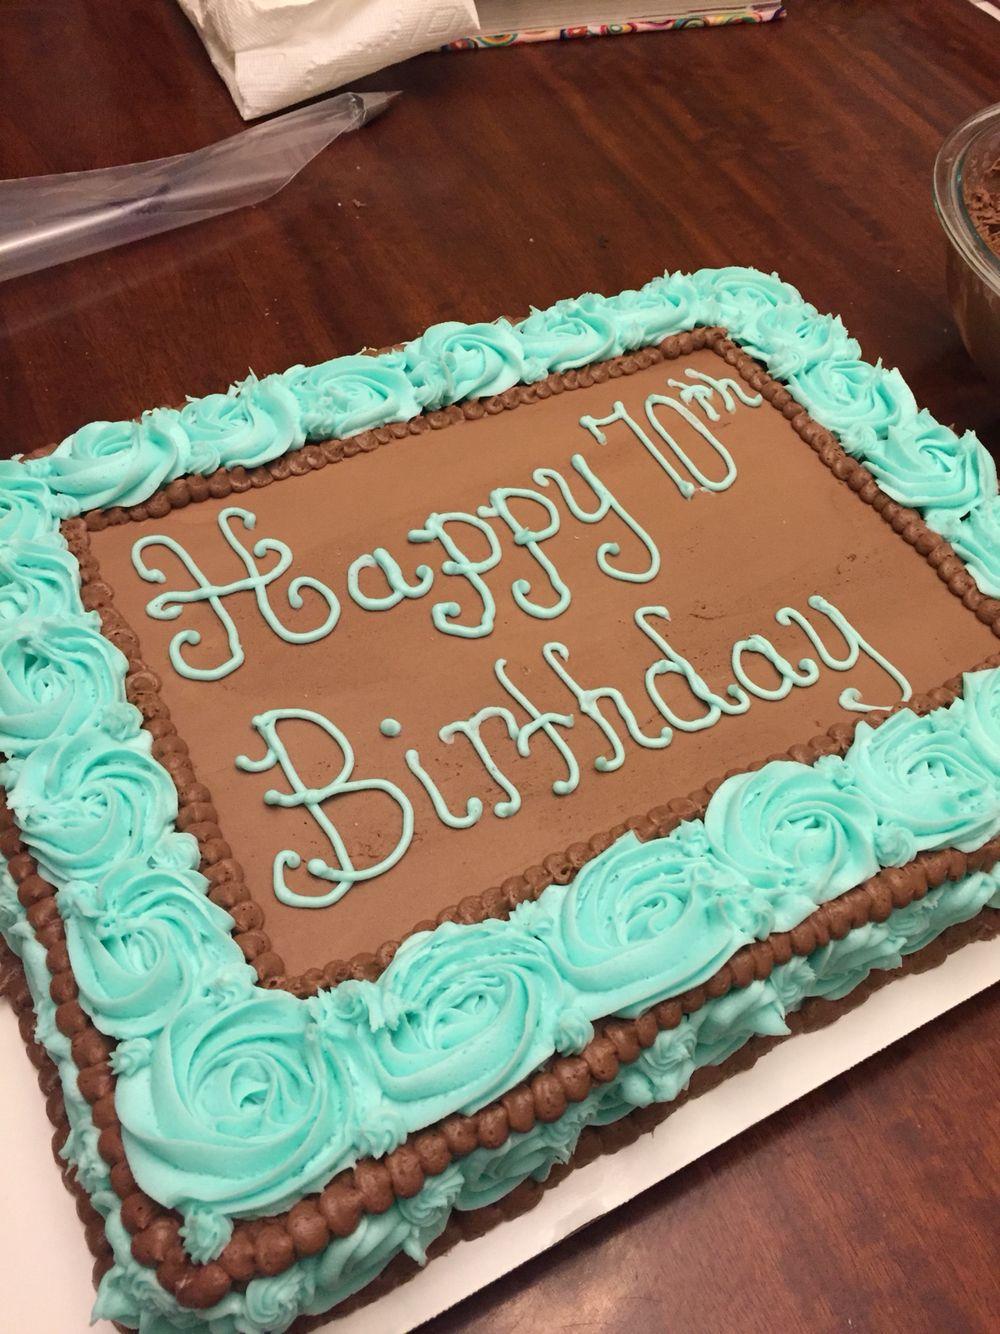 Rosette border cake also cakes and desserts in pinterest rh